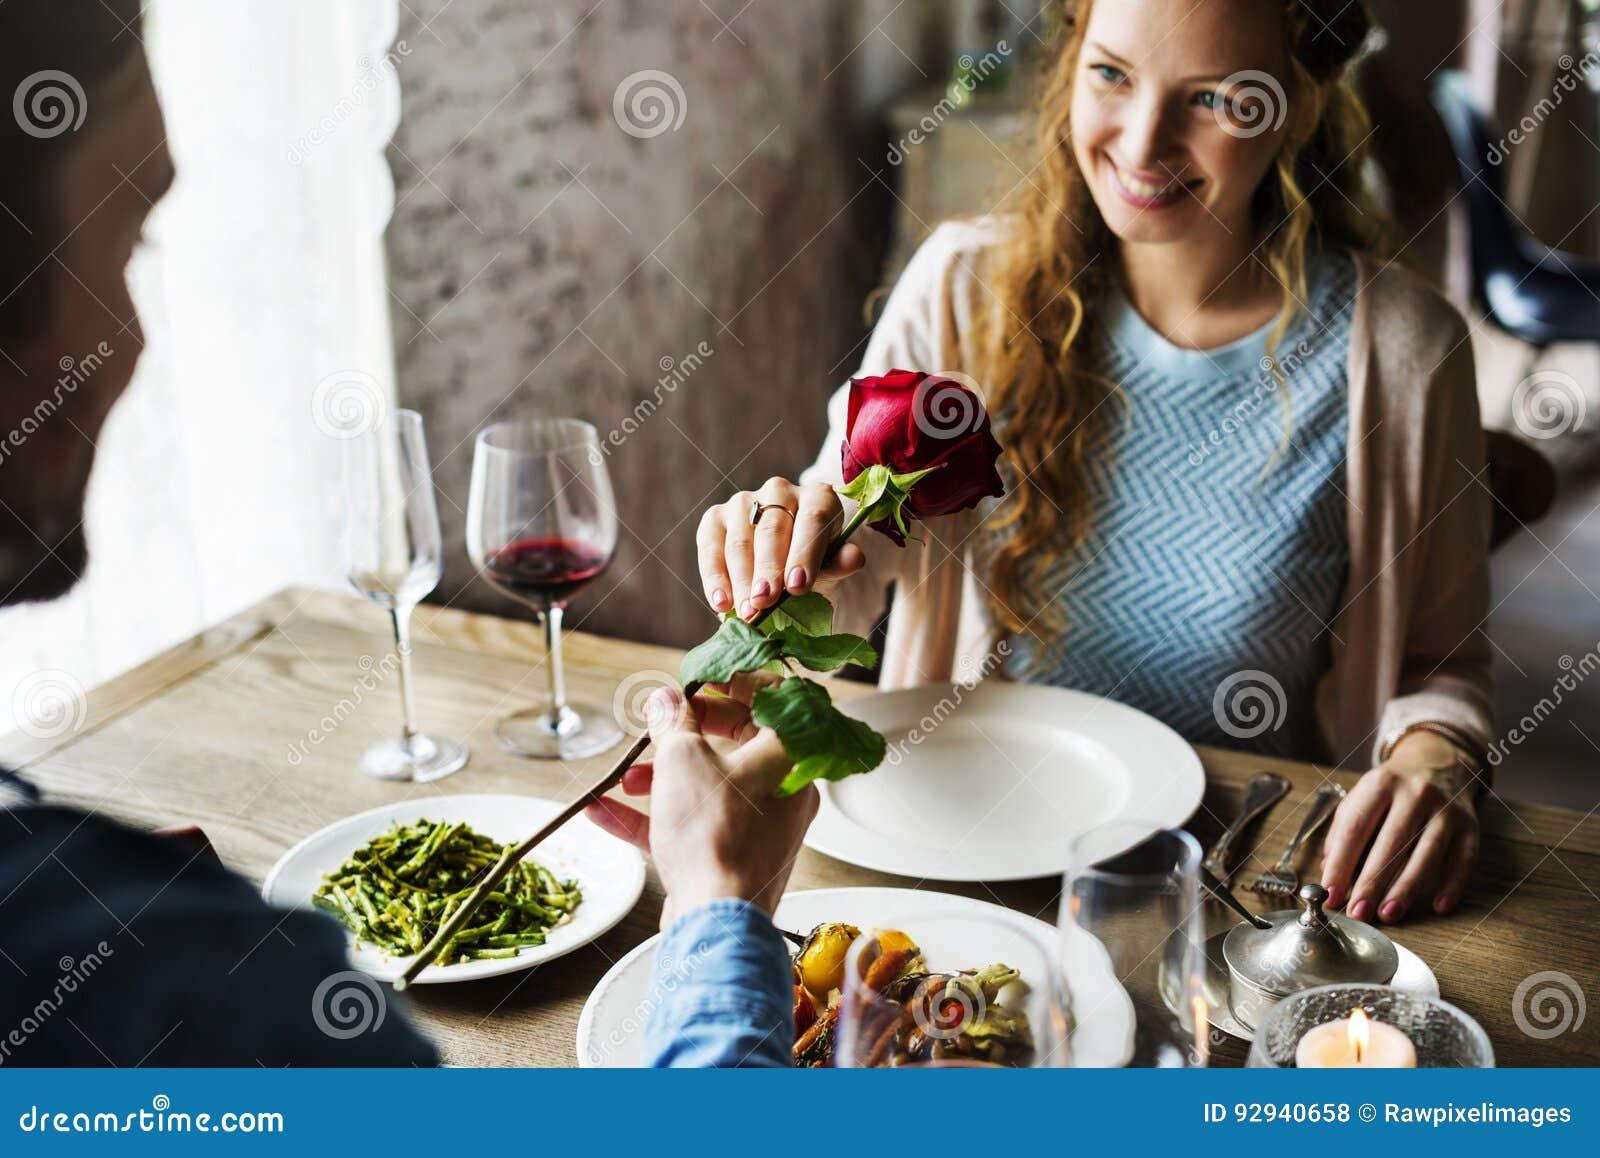 Homem romântico que dá uma Rosa à mulher em uma data